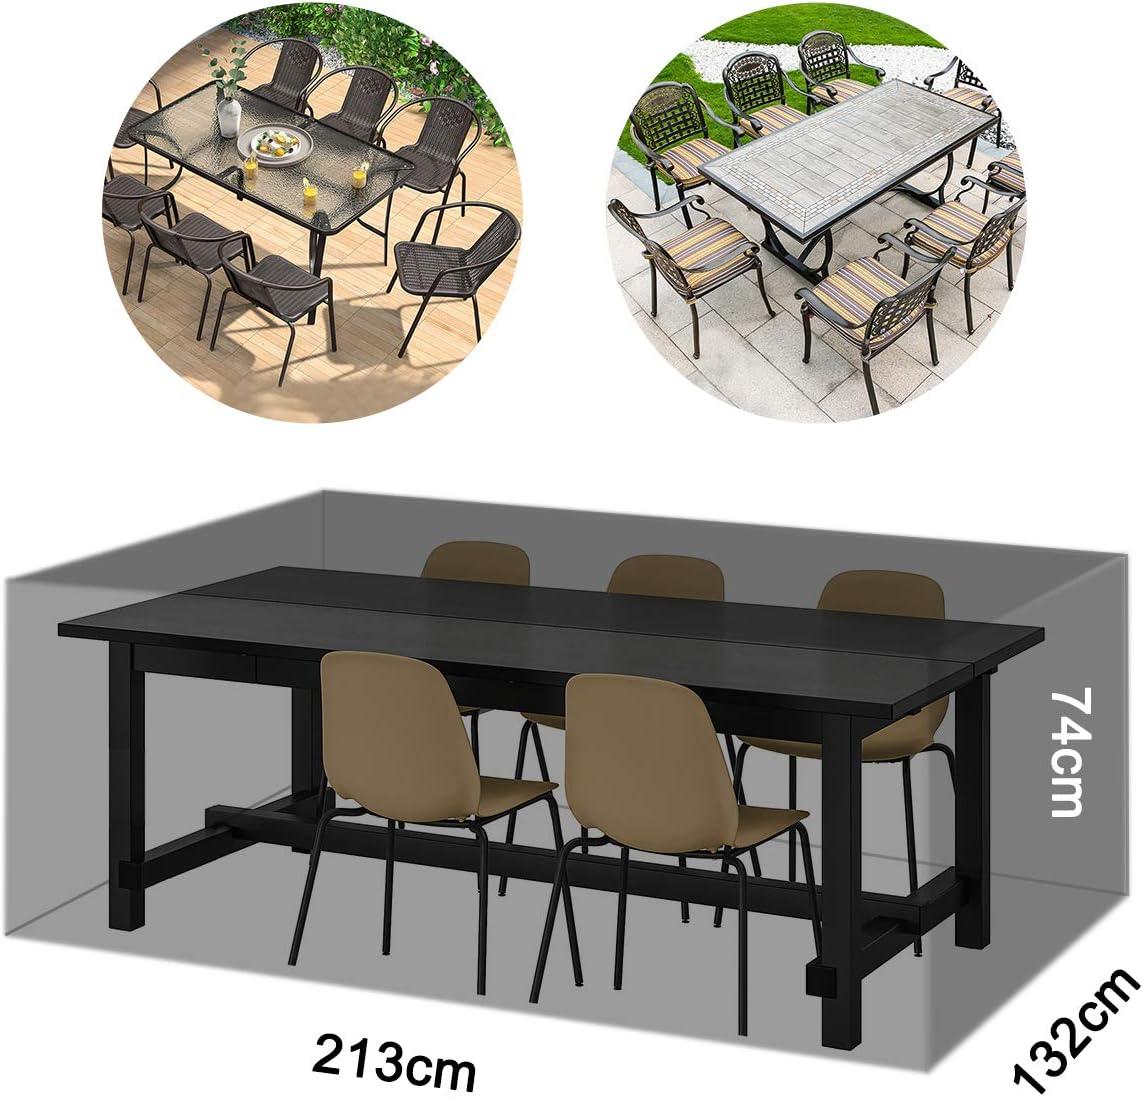 213 x 132 x 74 cm Salon de Jardin Table de Jardin AngLink Housse de Protection imperm/éable pour Meubles de Jardin Housse de Protection Respirante pour Meubles de Jardin